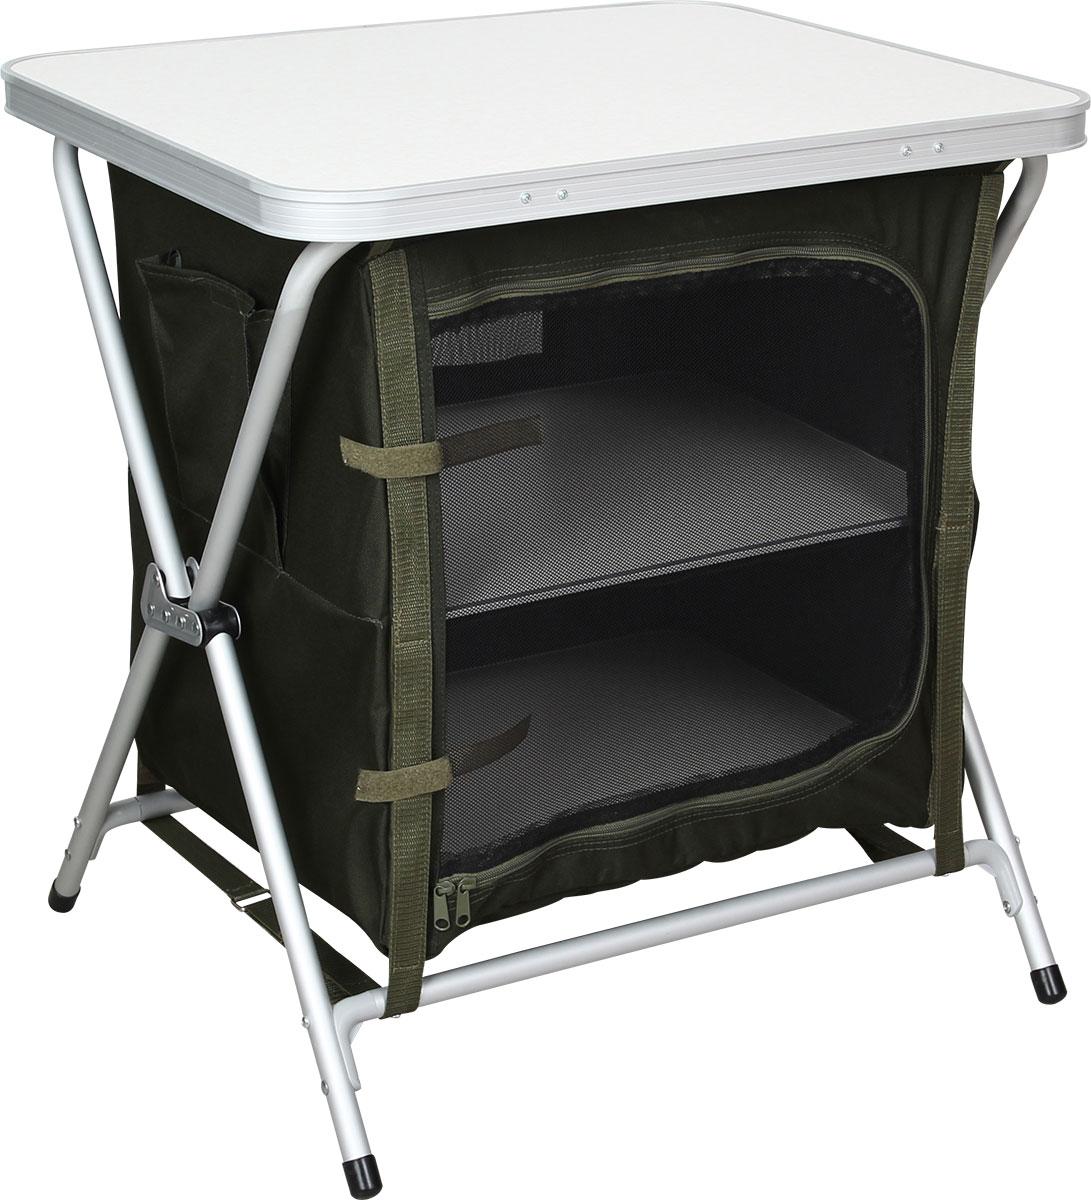 Стол складной Сплав TR - 64, кухонныйBS 33-06Стол складной Сплав TR - 64 - это незаменимый предмет походной мебели, очень удобен в эксплуатации. Складной стол выполнен из алюминия и пластика. Два внутренних отсека для хранения посуды и еды, выполненные из полиэстера, закрываются на молнию. На задней стенке имеется окно из сетки для вентиляции. В комплект входят промежуточные полки из МДФ и удобный чехол для переноски. Стол легко собирается и разбирается, не занимает много места, поэтому подходит для транспортировки и хранения дома. Складной стол прекрасно подойдет для комфортного отдыха на даче или в походе.Вес стола: 5,1 кг.Максимальная нагрузка: 30 кг.Размер в собранном виде: 60 х 52 х 66 см.Размер в упаковке: 62 х 50 х 8 см.Каркас изготовлен из алюминиевой трубы диаметром 19 мм.Столешница изготовлена из МДФ в алюминиевом каркасе.